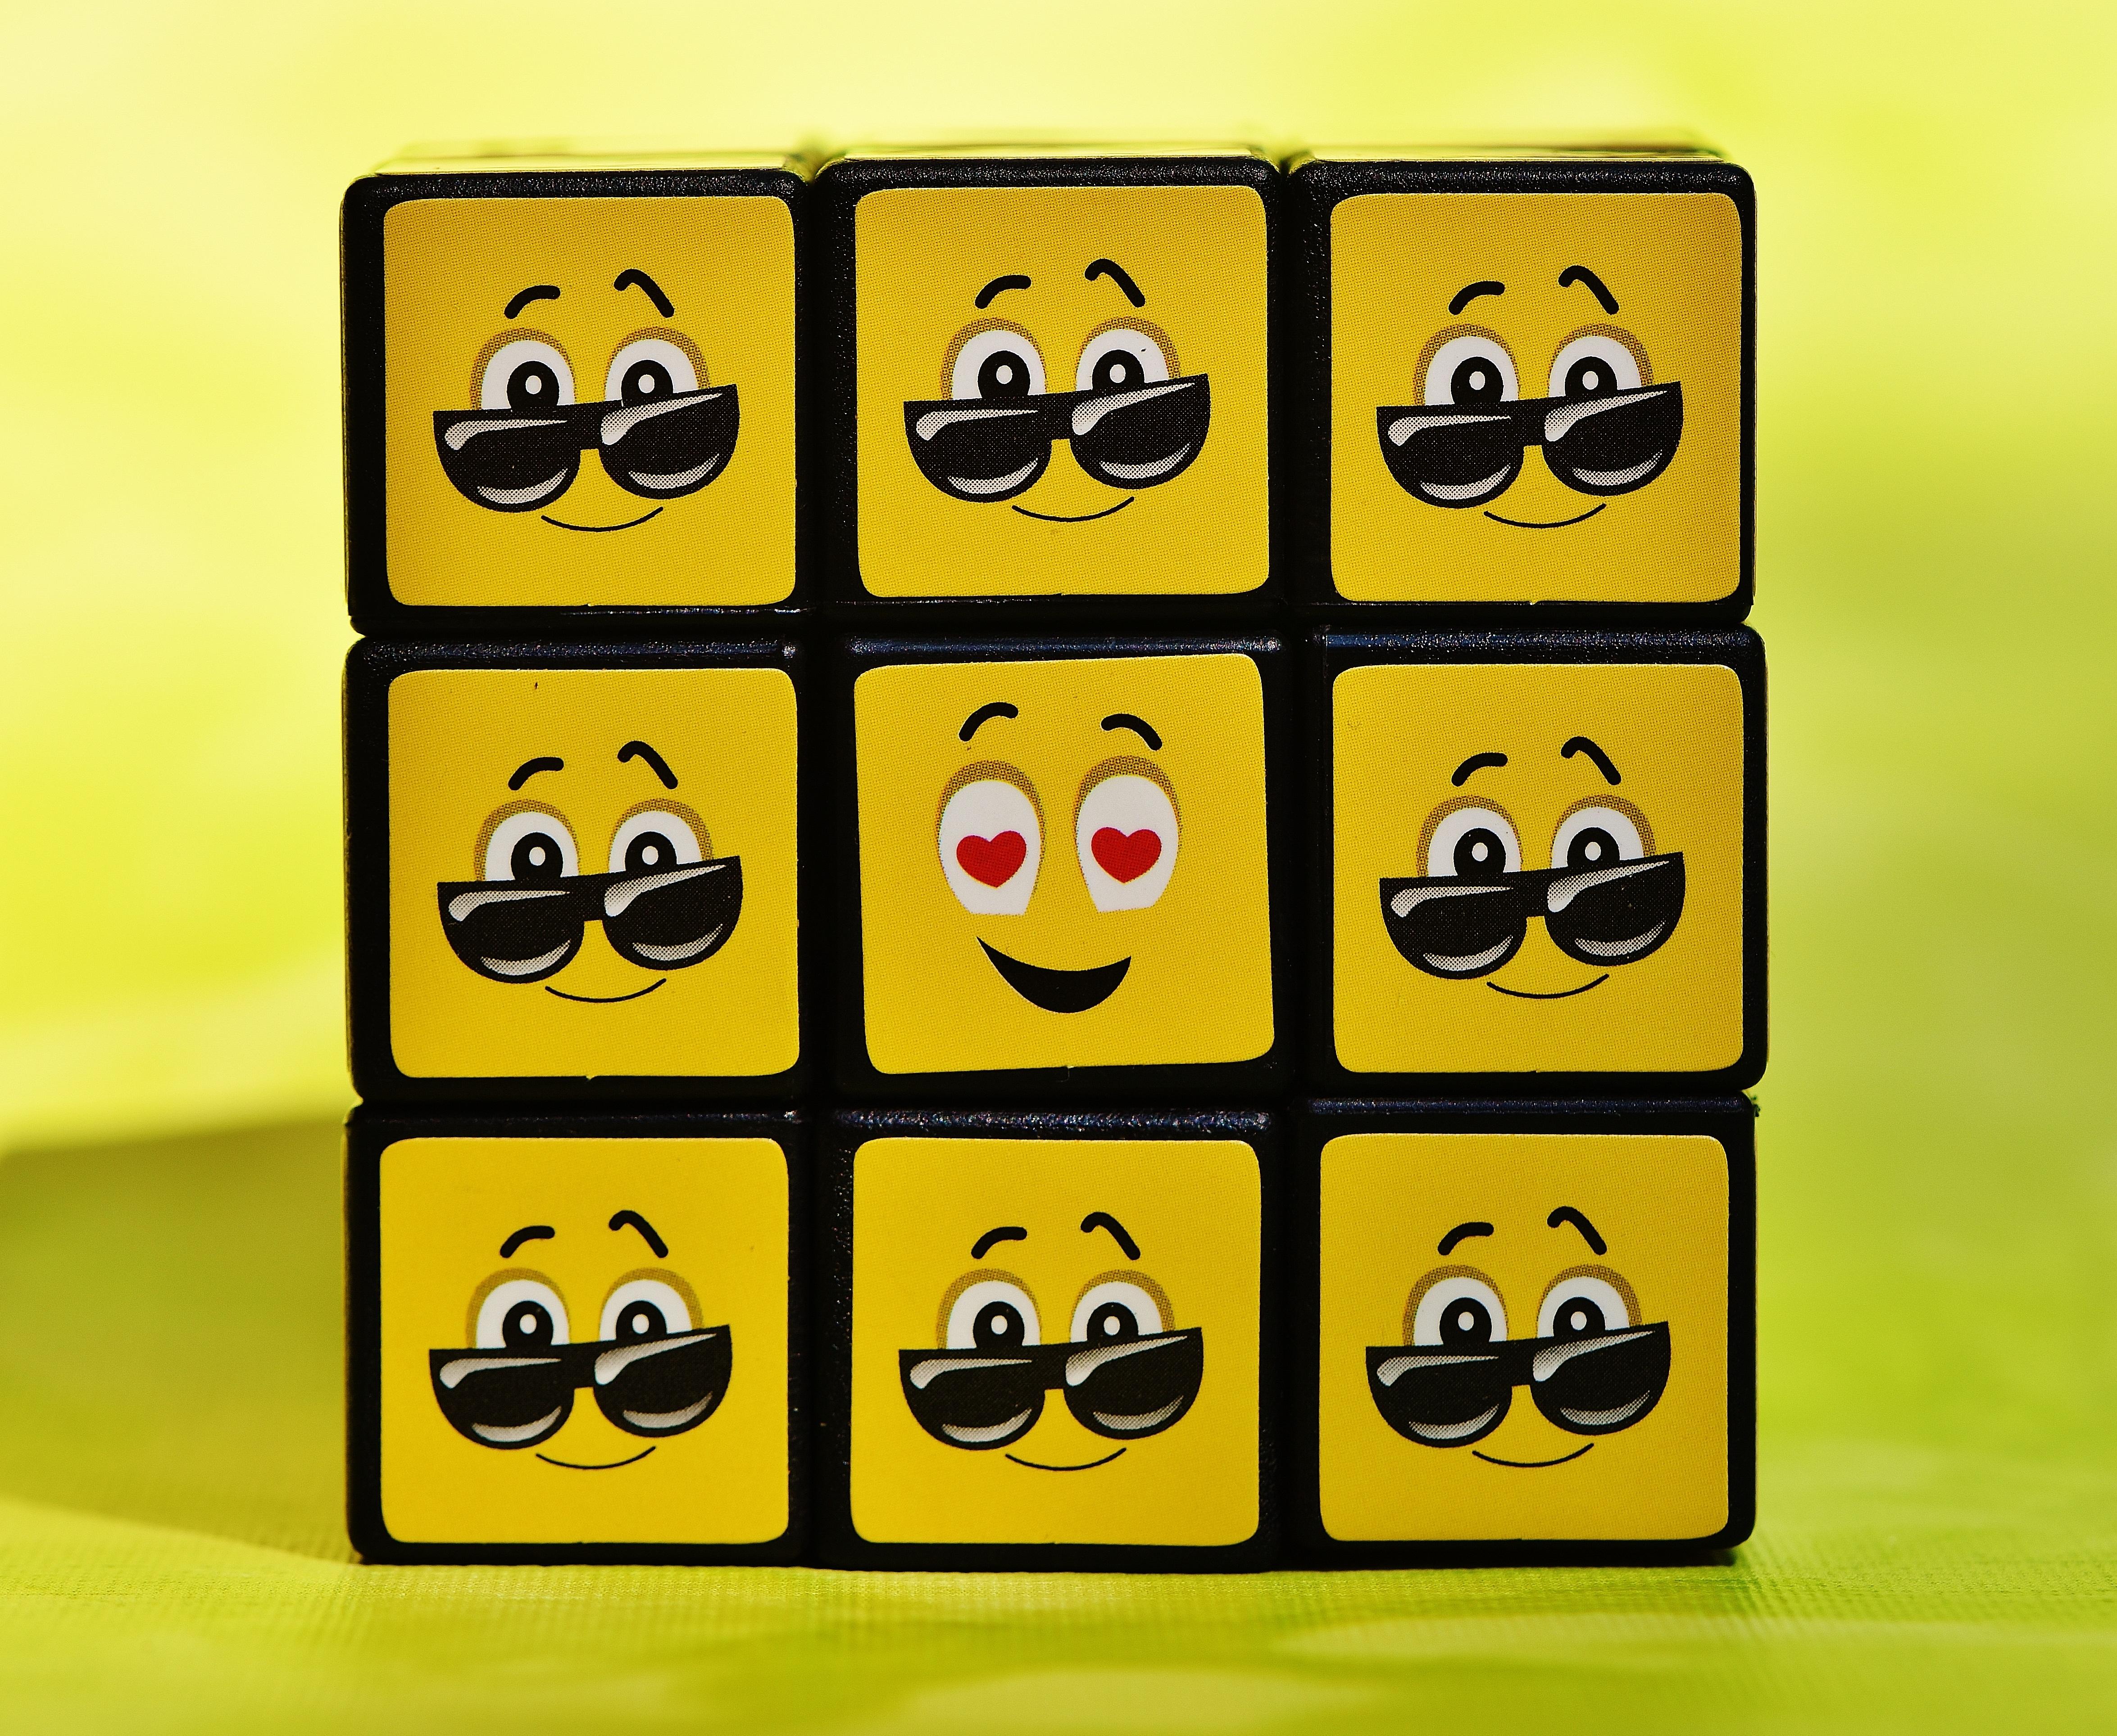 картинки для кубика настроения соцсетей китае